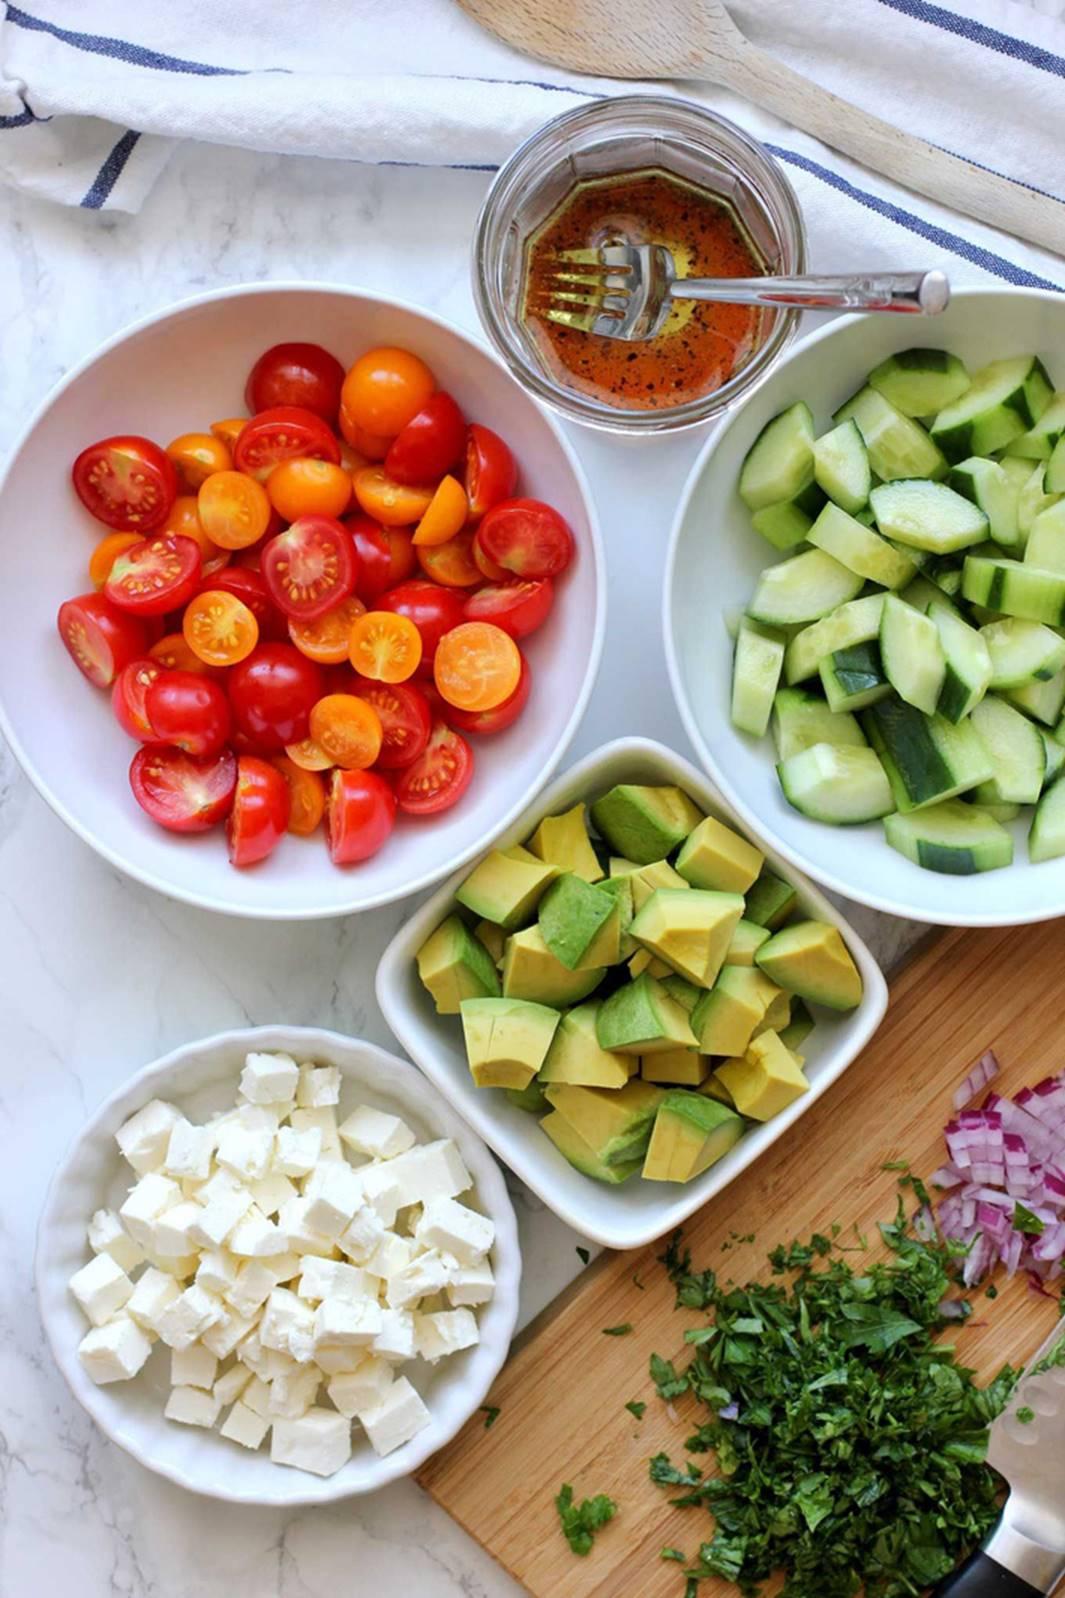 3 loại thực phẩm tưởng giảm cân hiệu quả, hóa ra lại khiến cho cân nặng của bạn cứ nhích dần lên-2